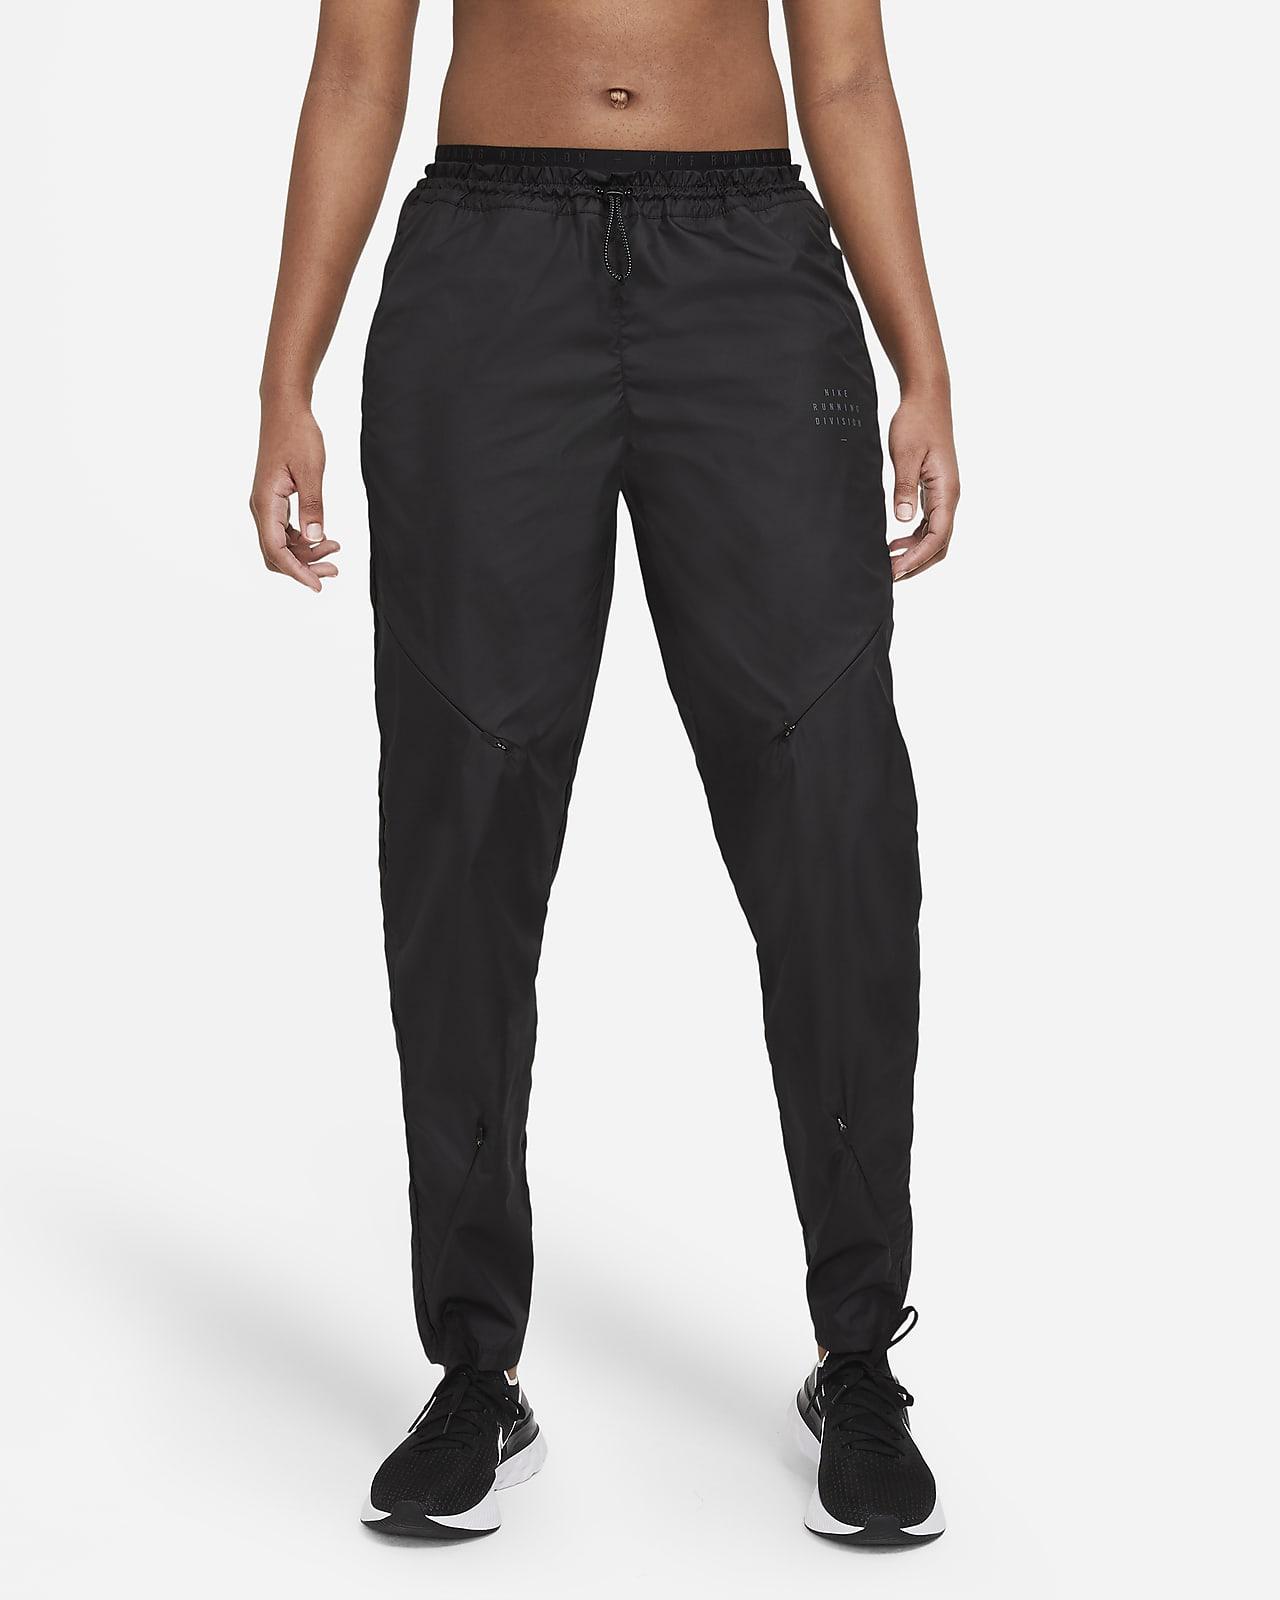 Pantalon de running à fente dynamique Nike Run Division pour Femme